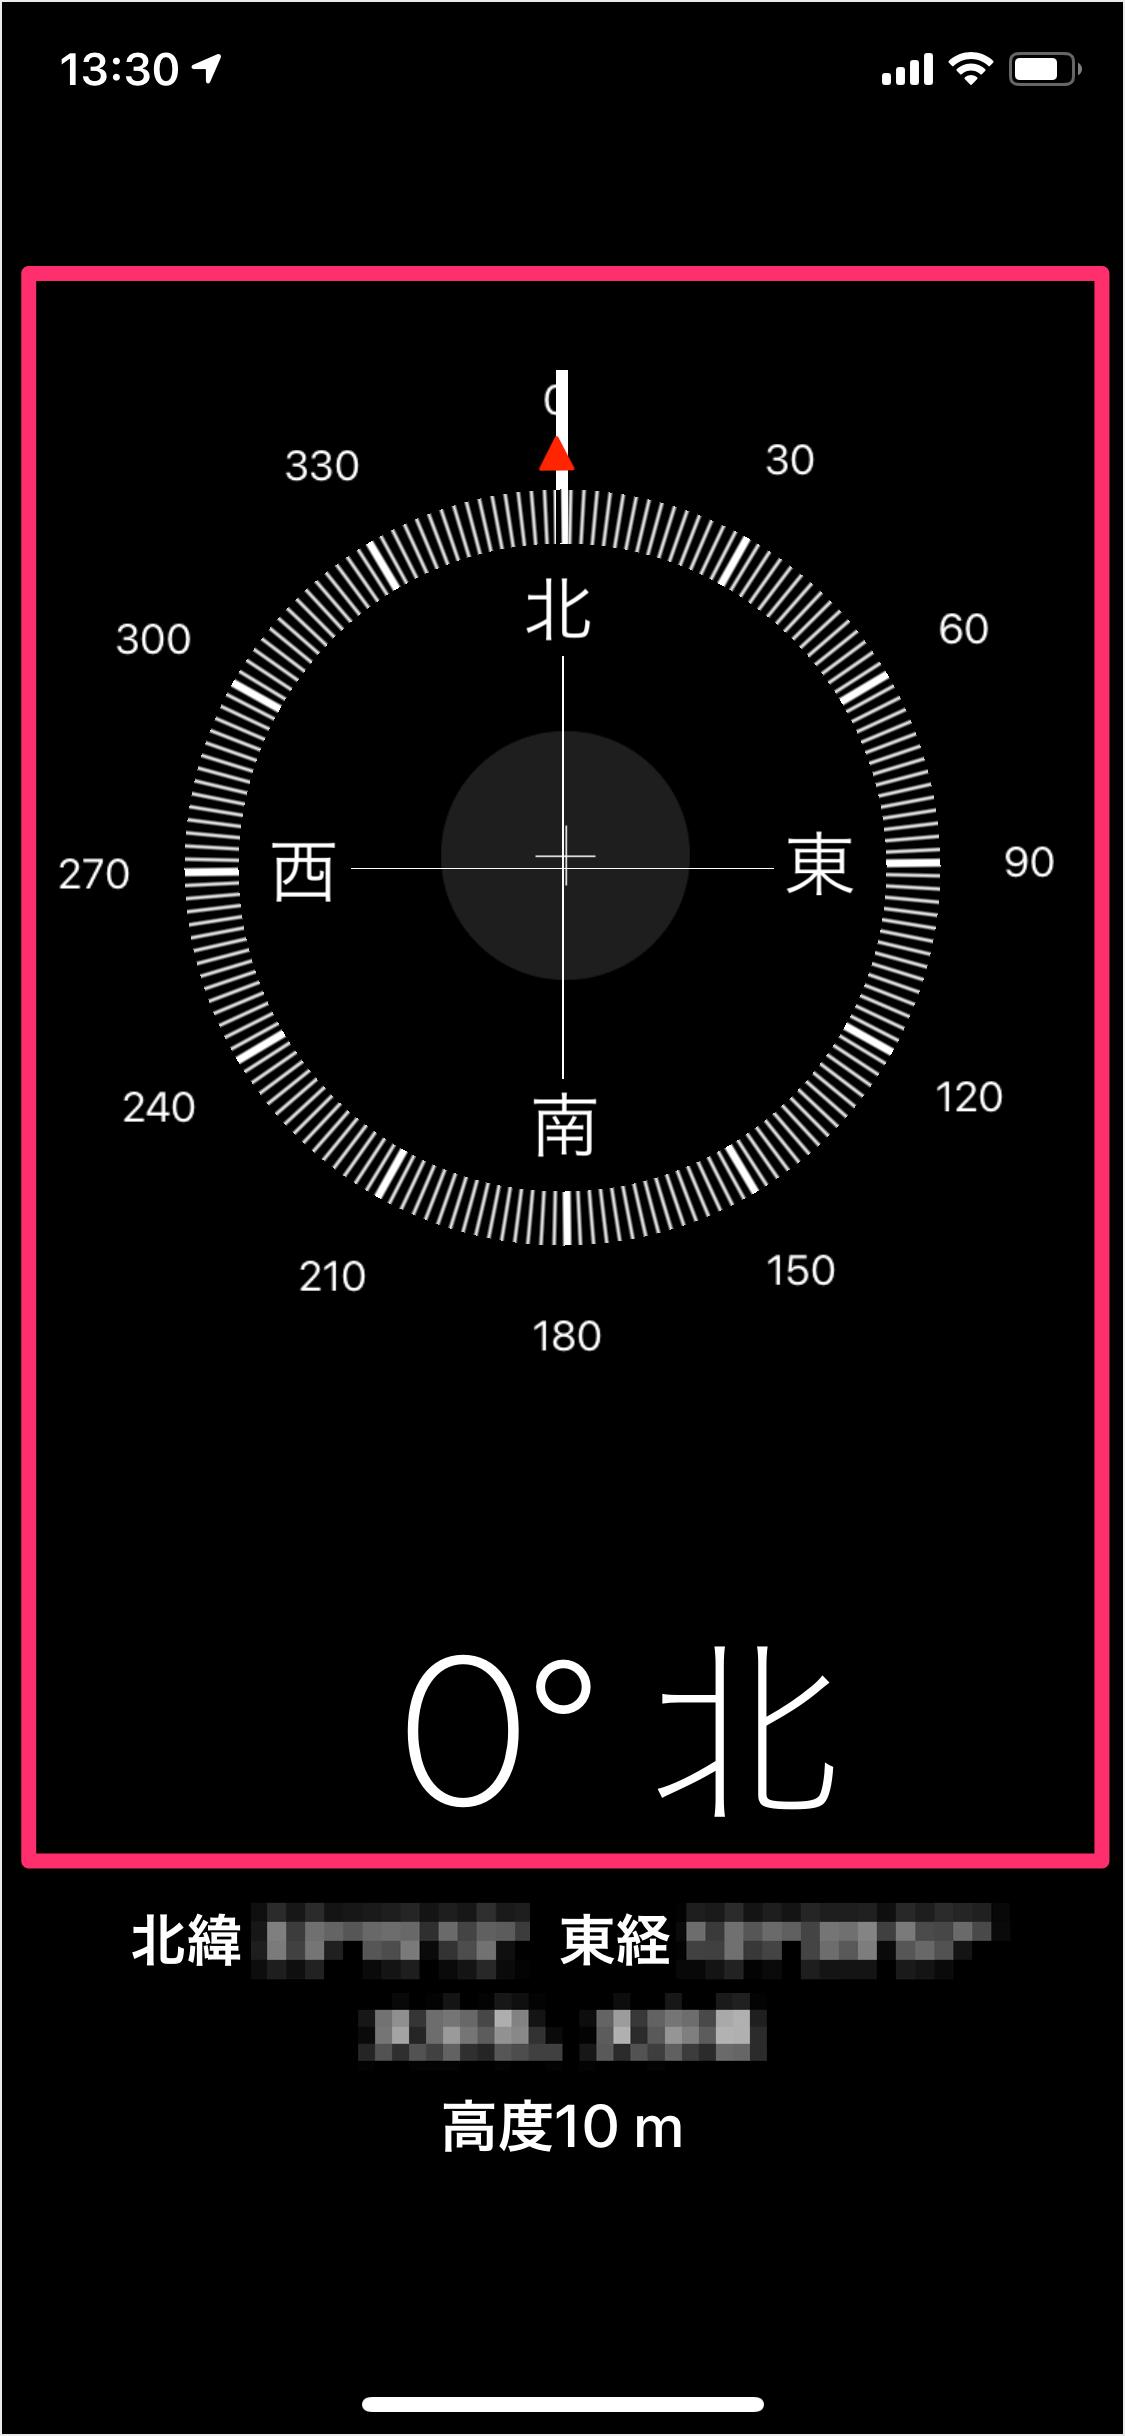 コンパス iphone